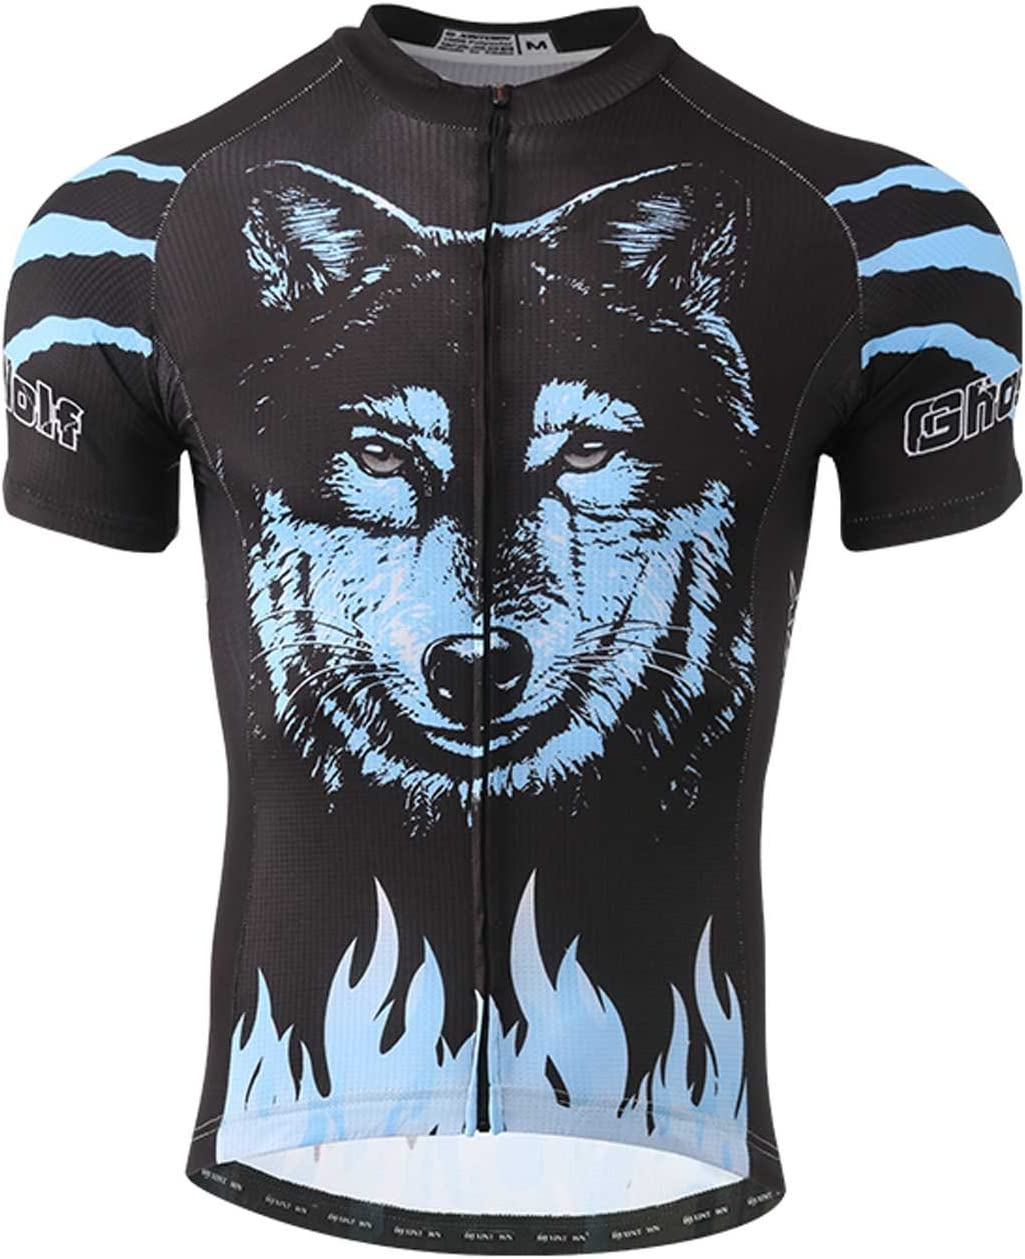 SXSHUN Maillots de Ciclismo para Hombres Camiseta de Manga Corta de Bicicleta Jersey para Verano Fresco Transpirable